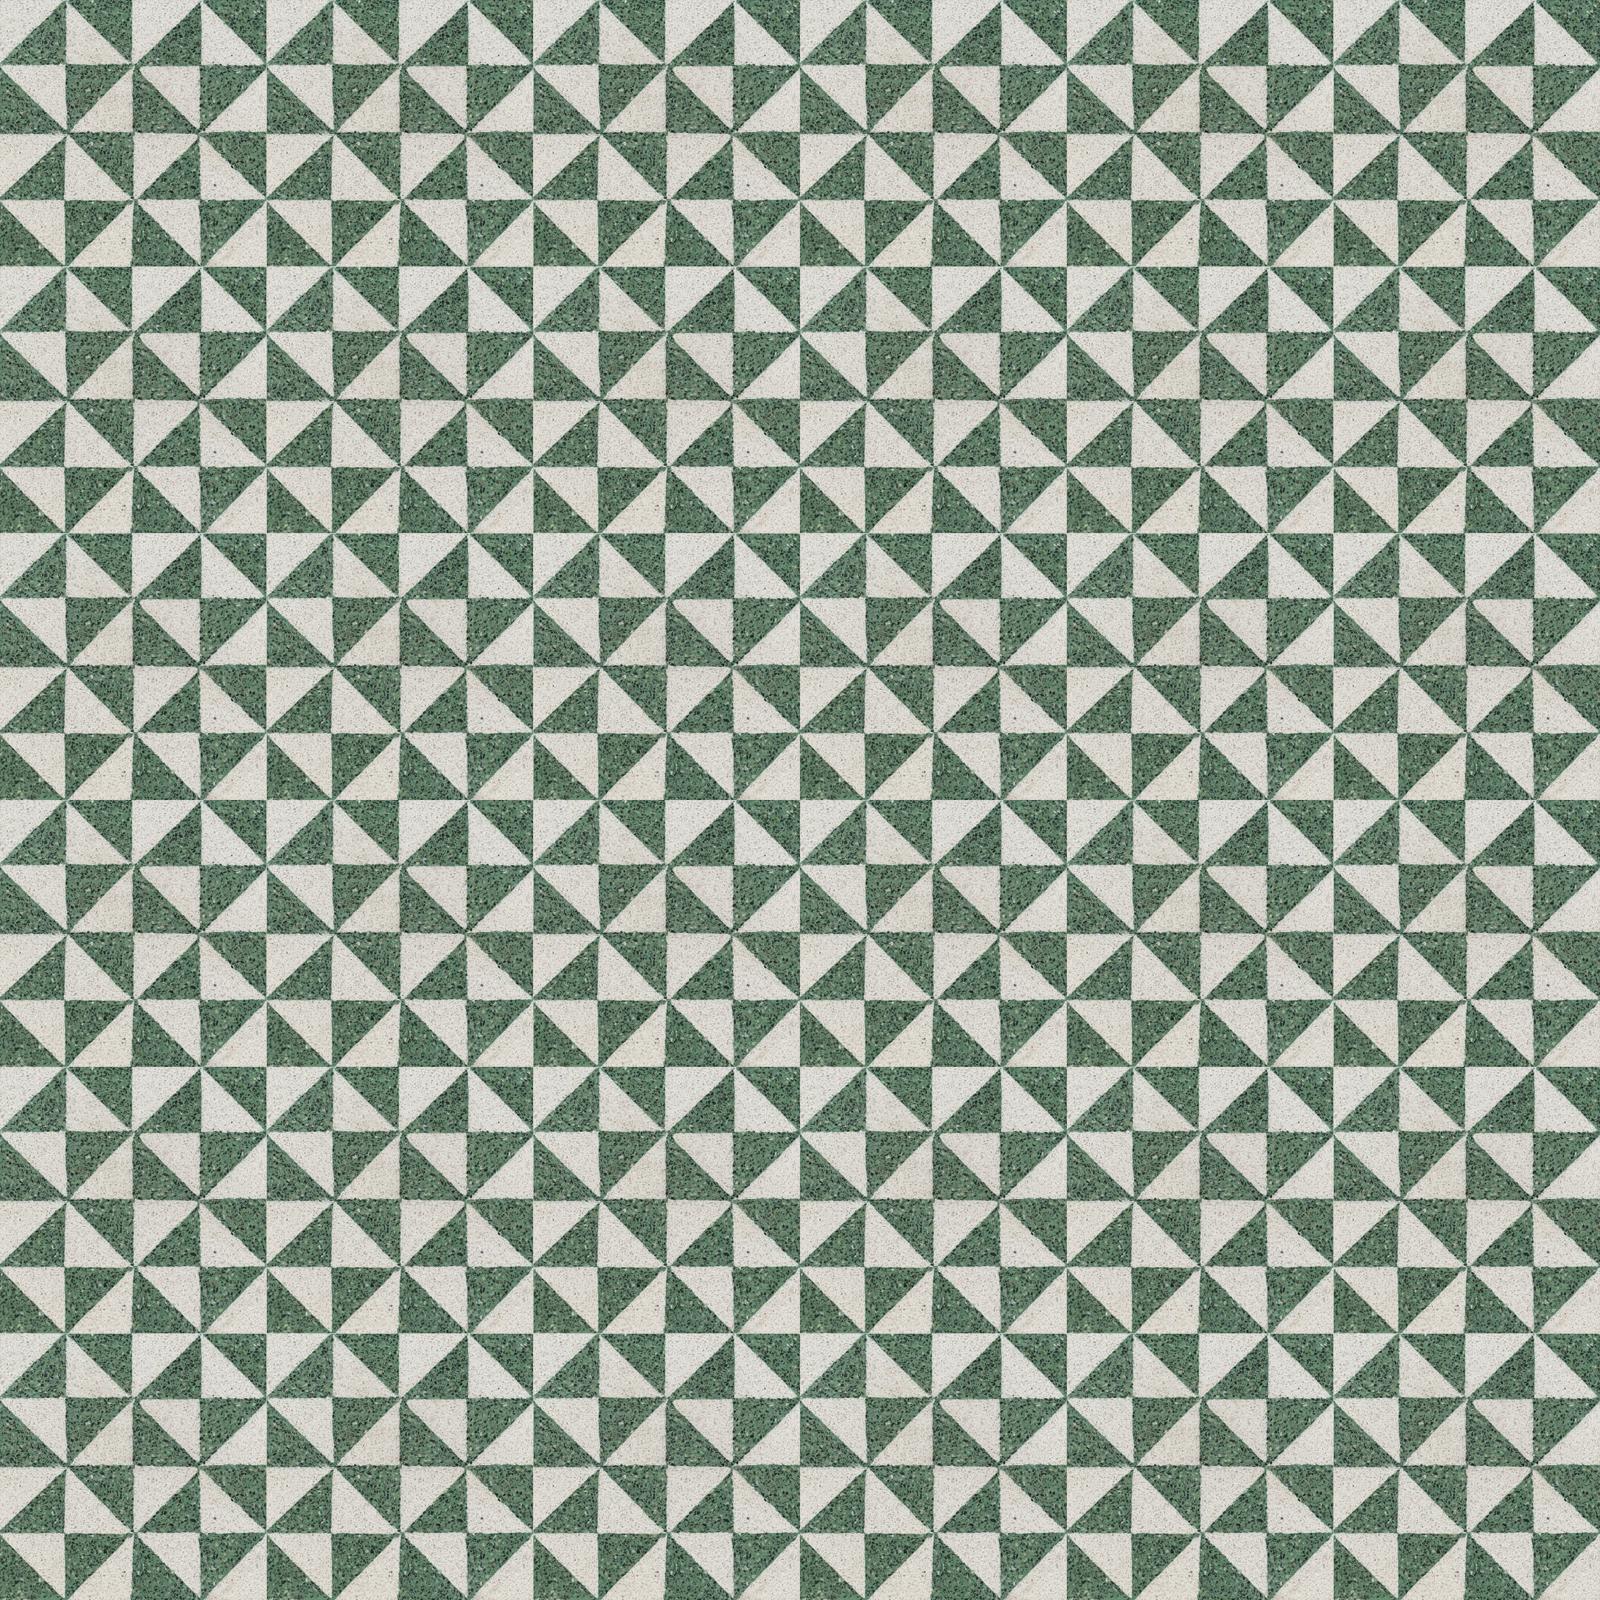 VIA Terrazzoplatten in grün und weiß